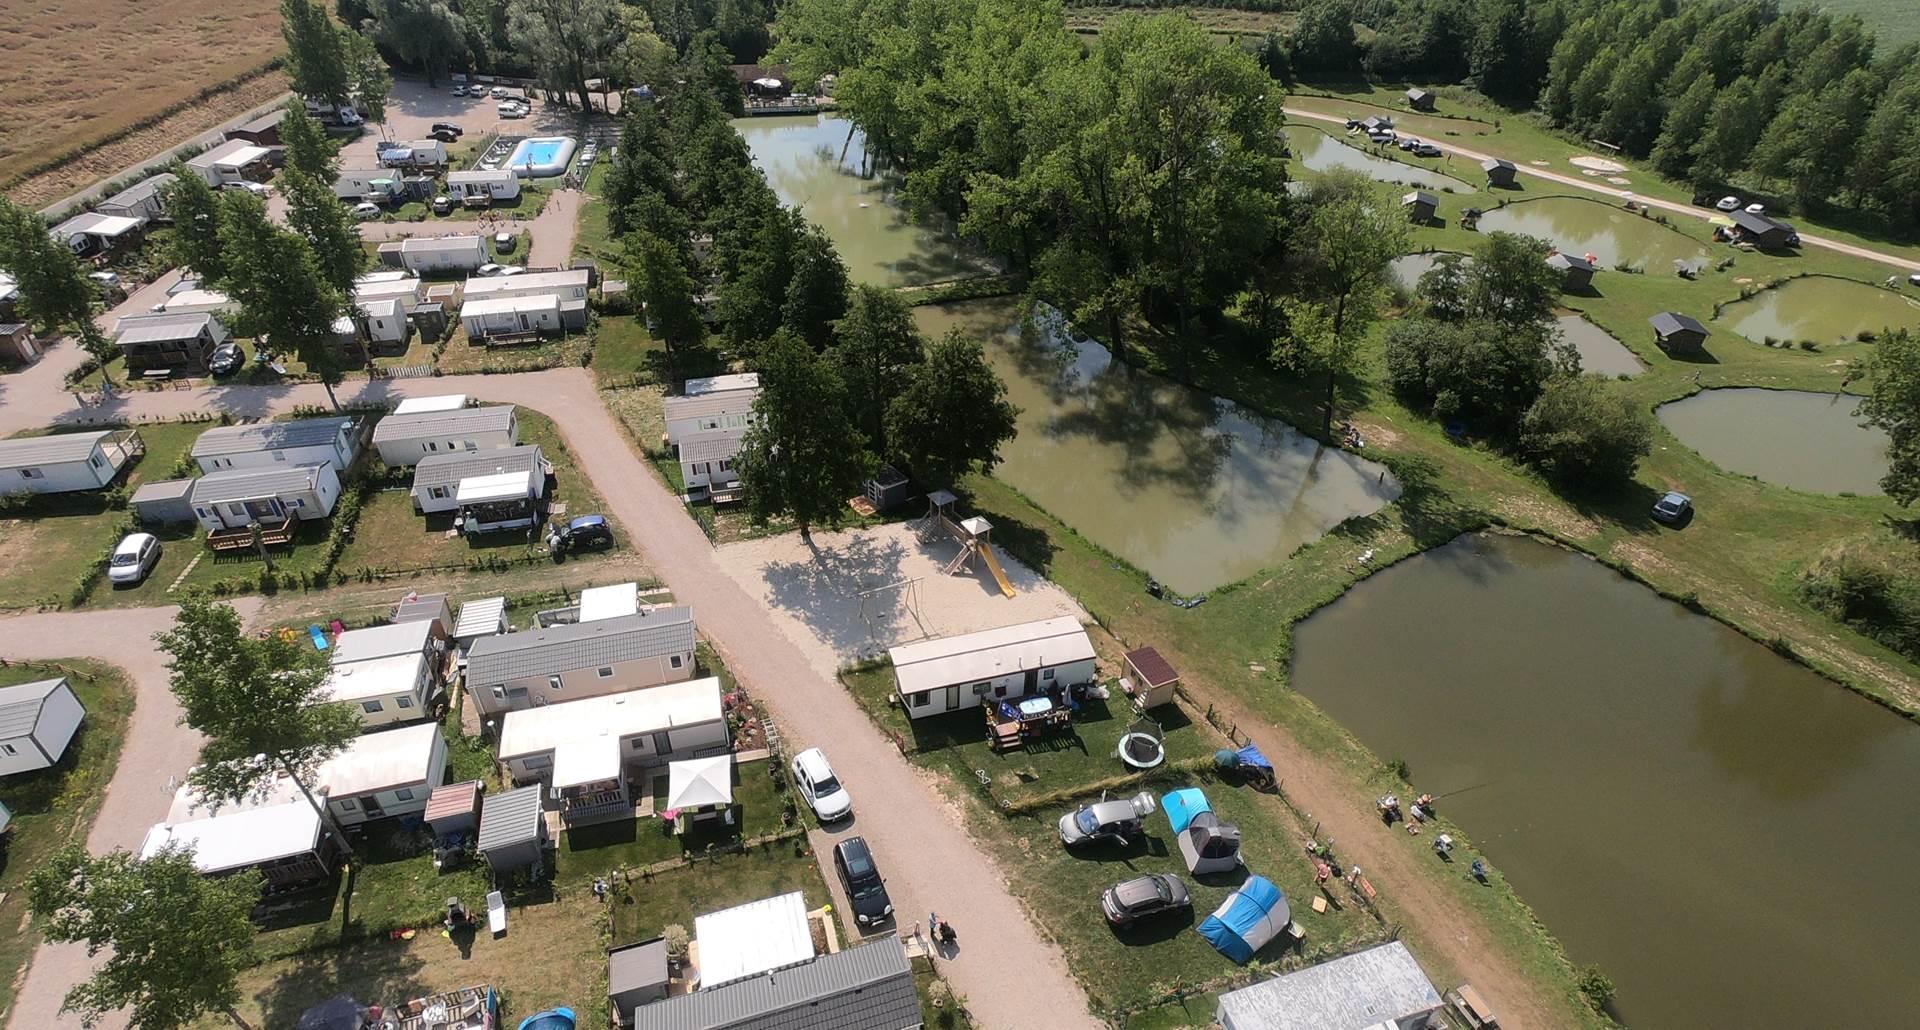 Le camping proche des 12 étangs Martin Pêcheur